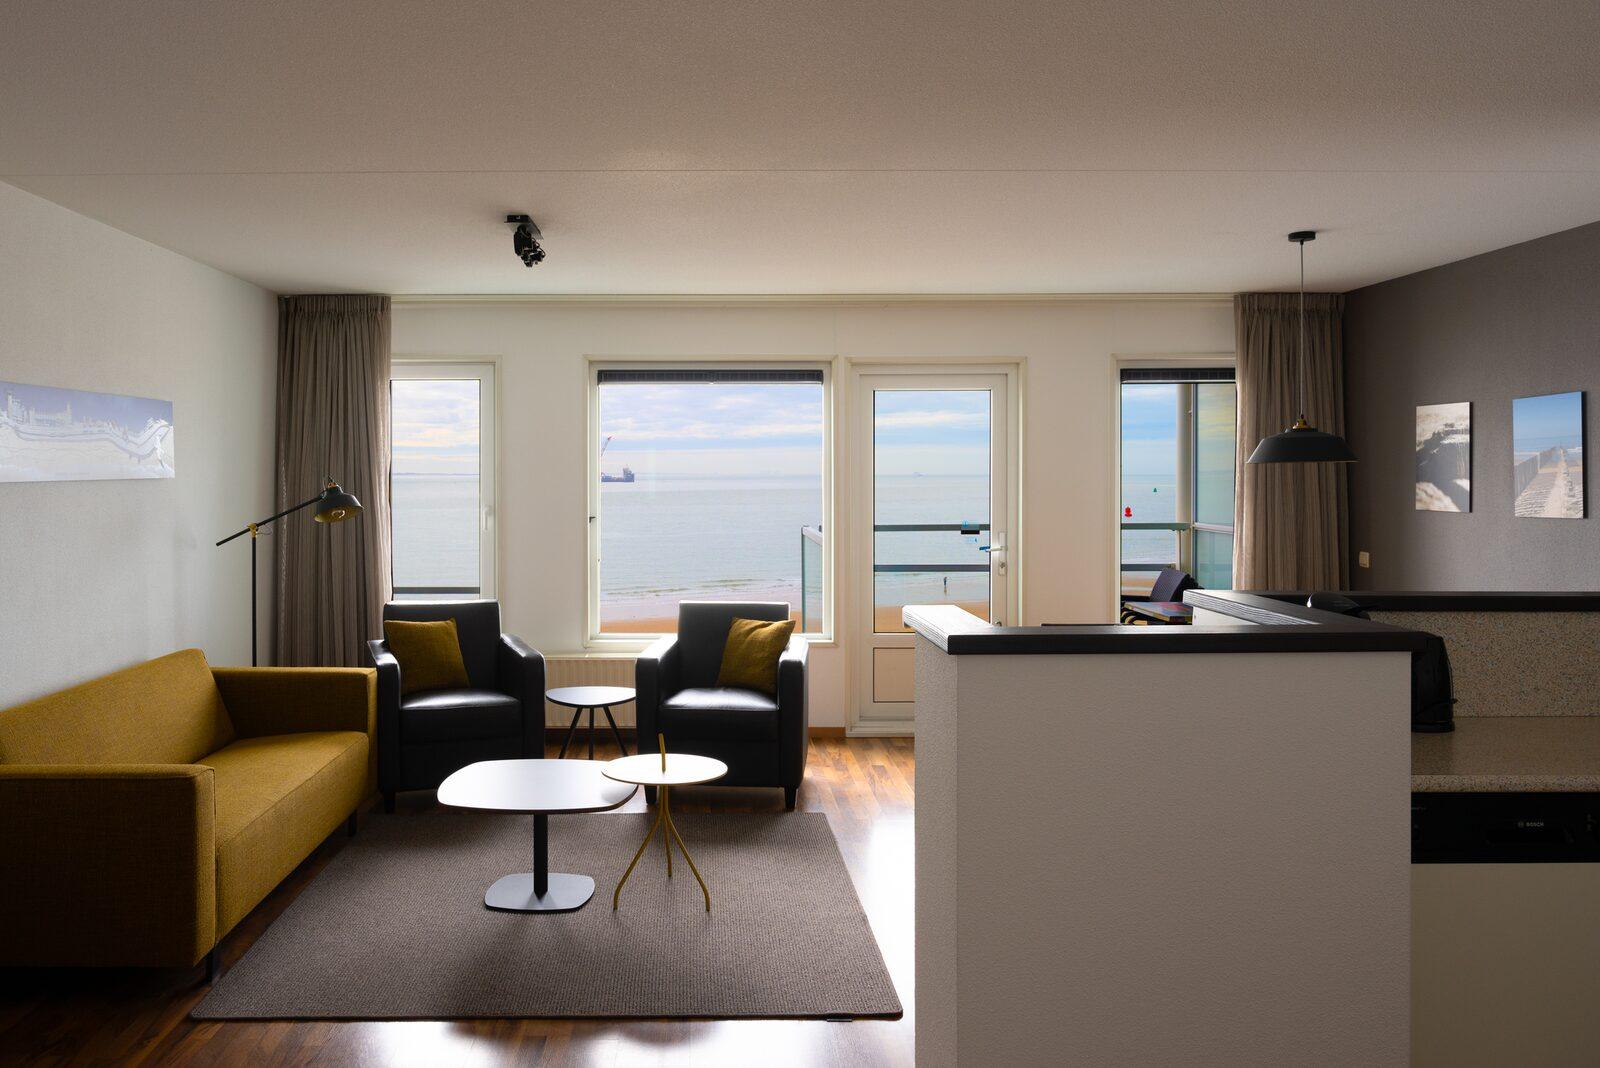 3-Zimmer Ecke Apartement mit Meerblick